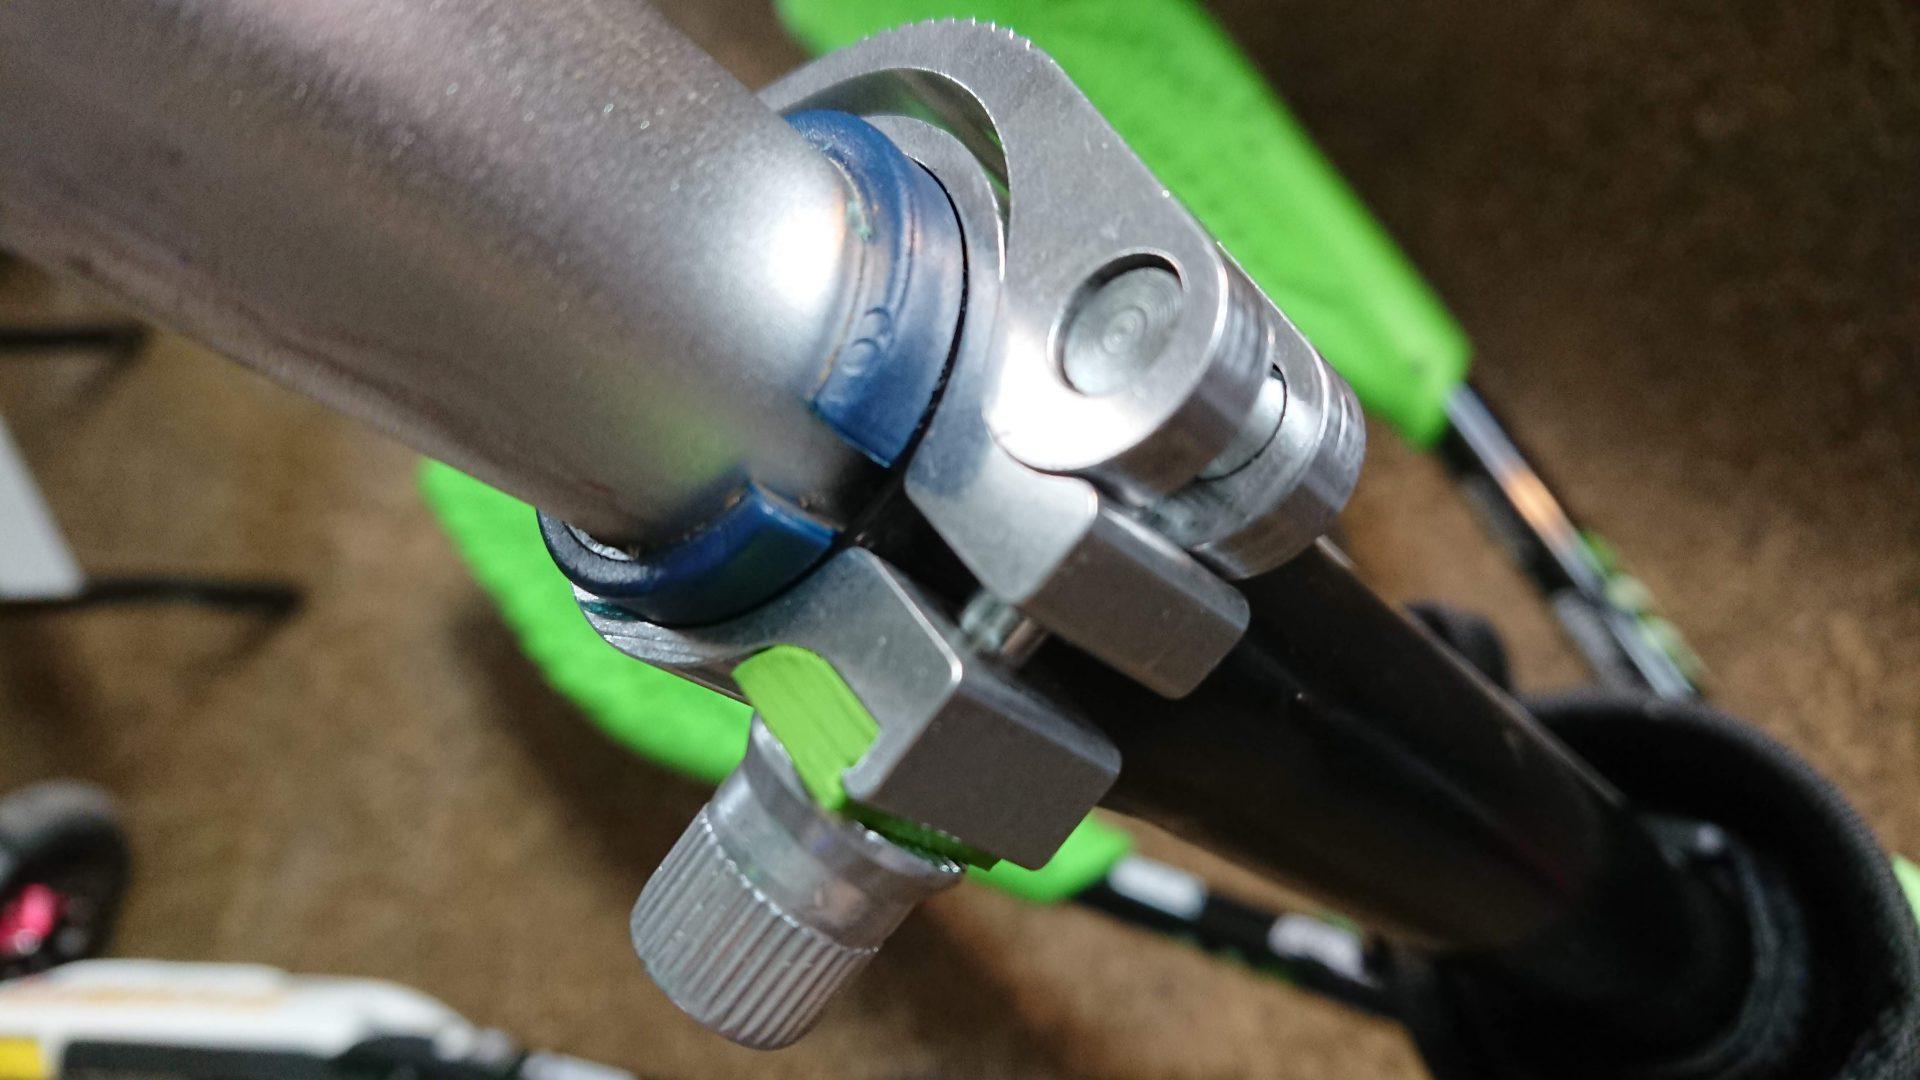 Modyfikacja szybkozamykacza w Skki Trikke model zielono/czarny.